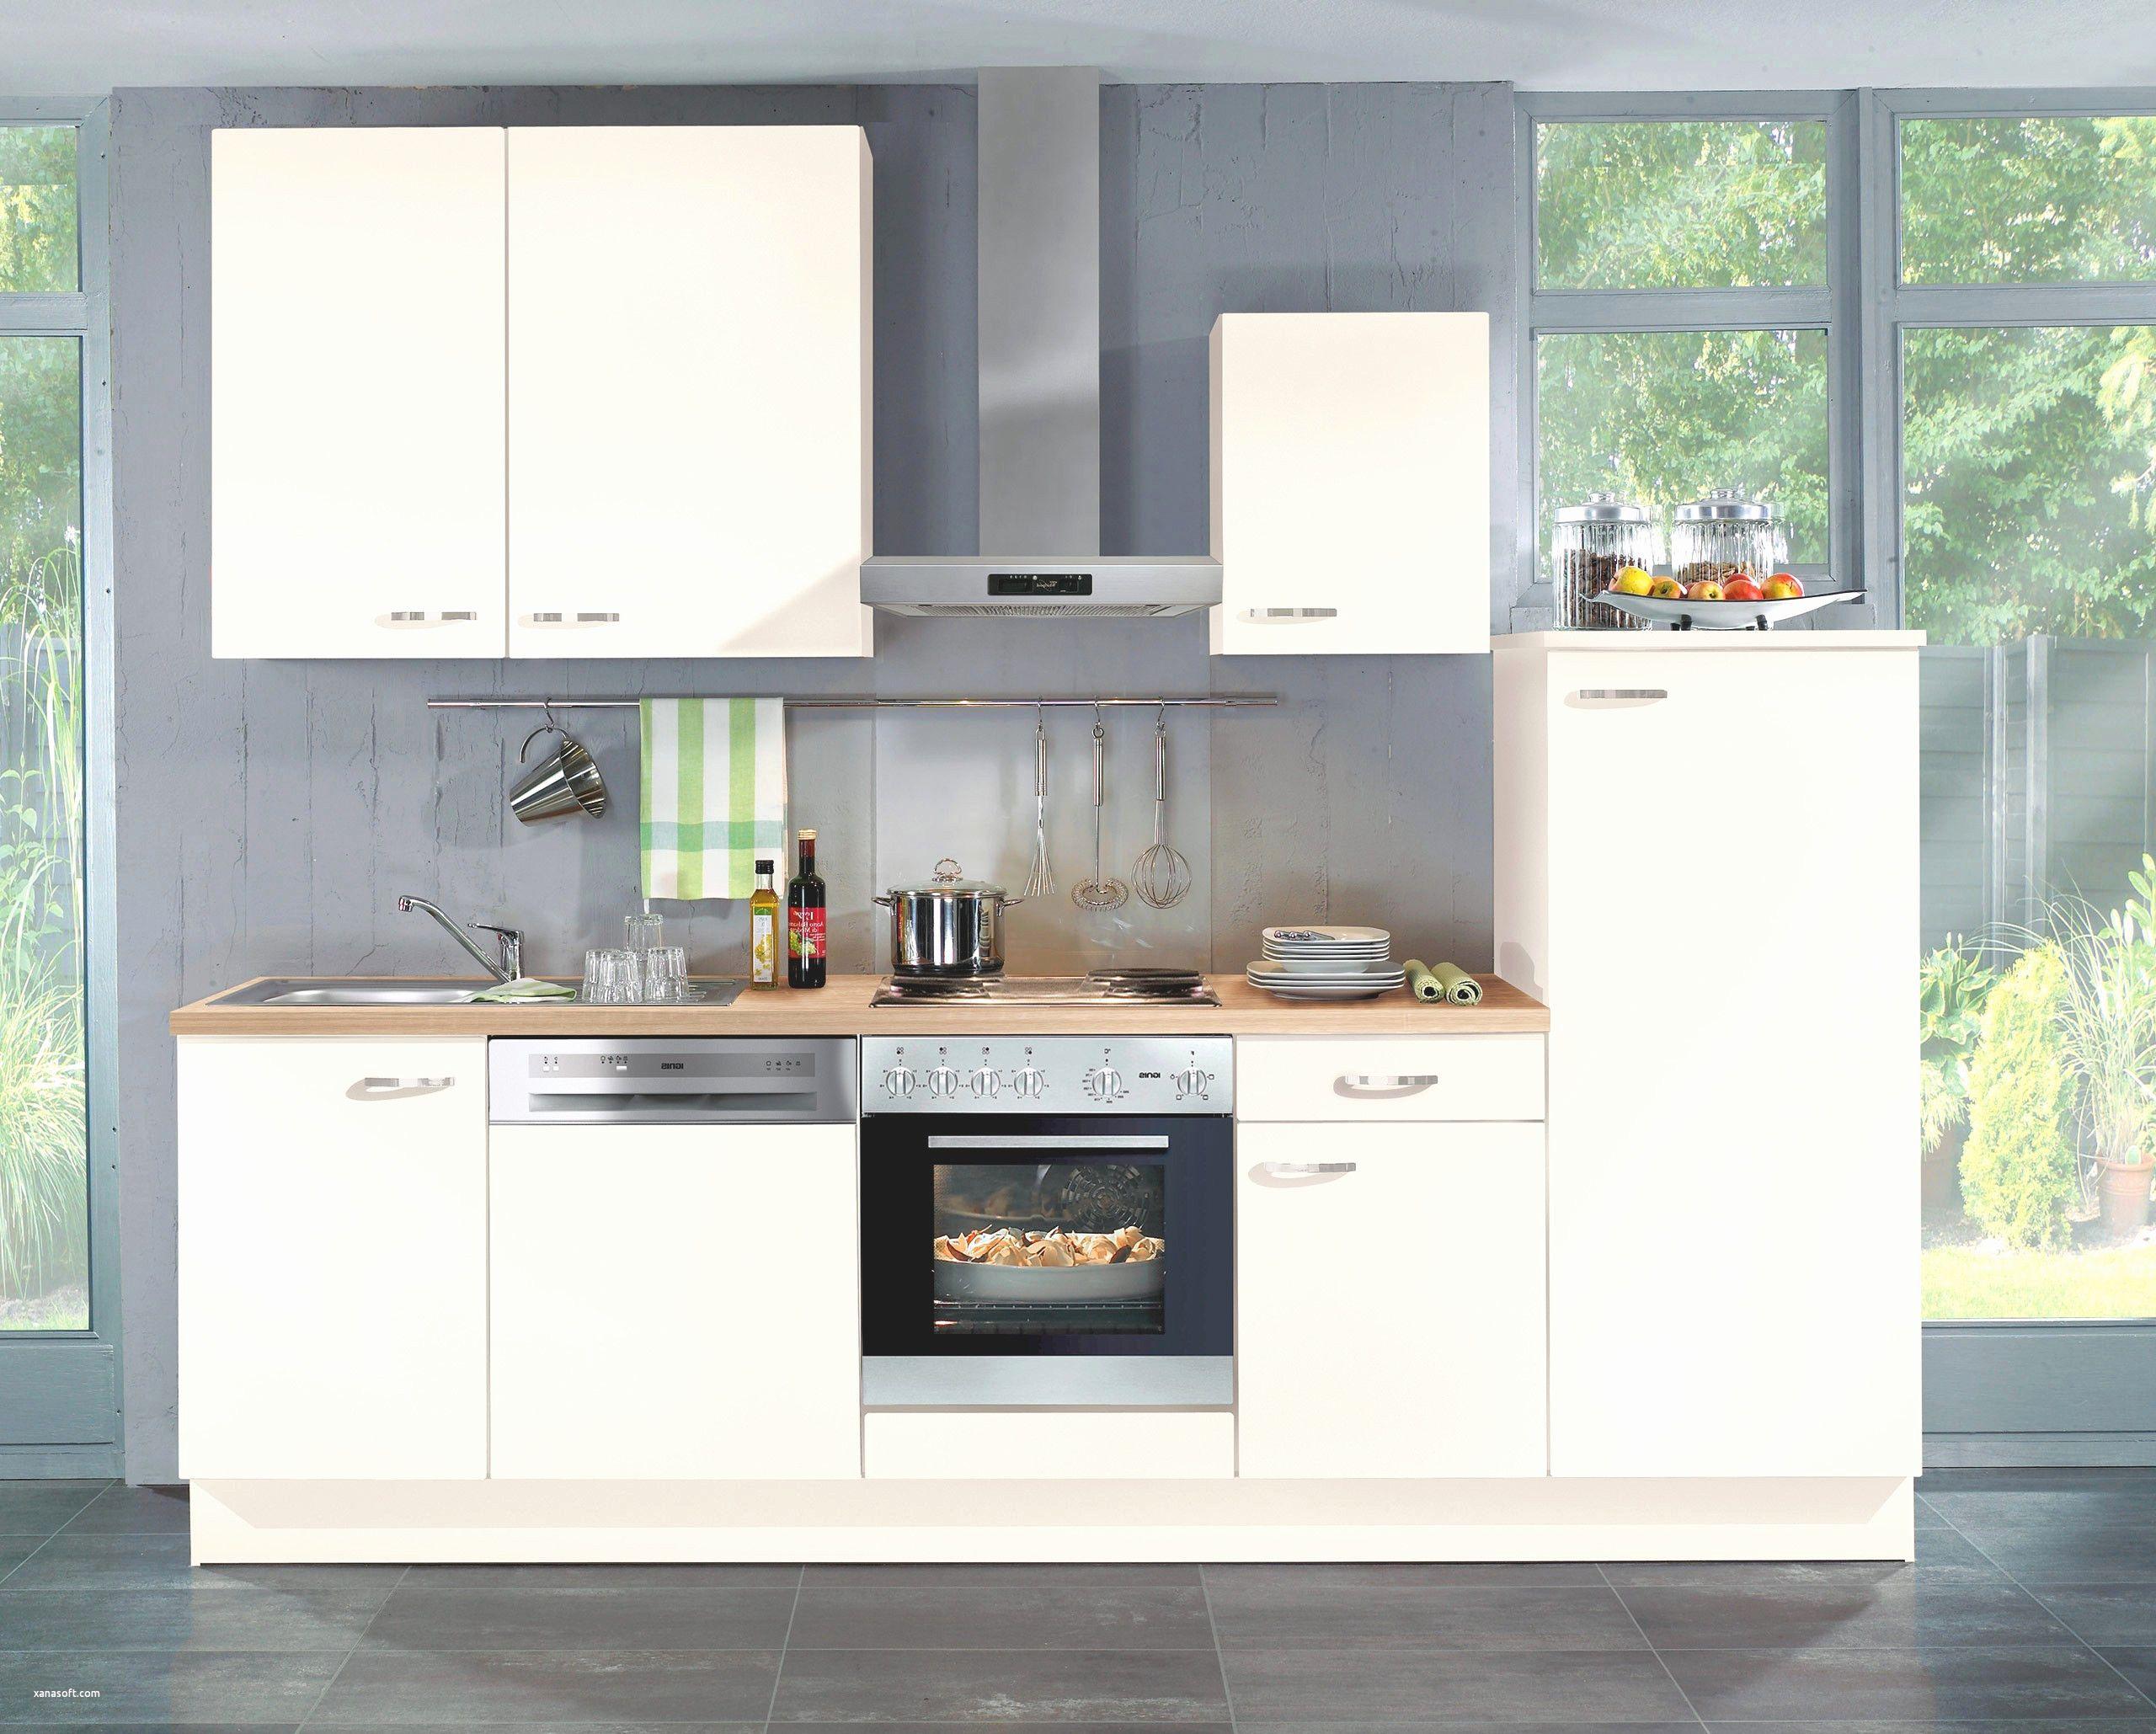 Full Size of Einbauküche Kaufen Ebay Kleinanzeigen Italienische Einbauküche Kaufen Billig Einbauküche Kaufen Einbauküche Kaufen Roller Küche Einbauküche Kaufen